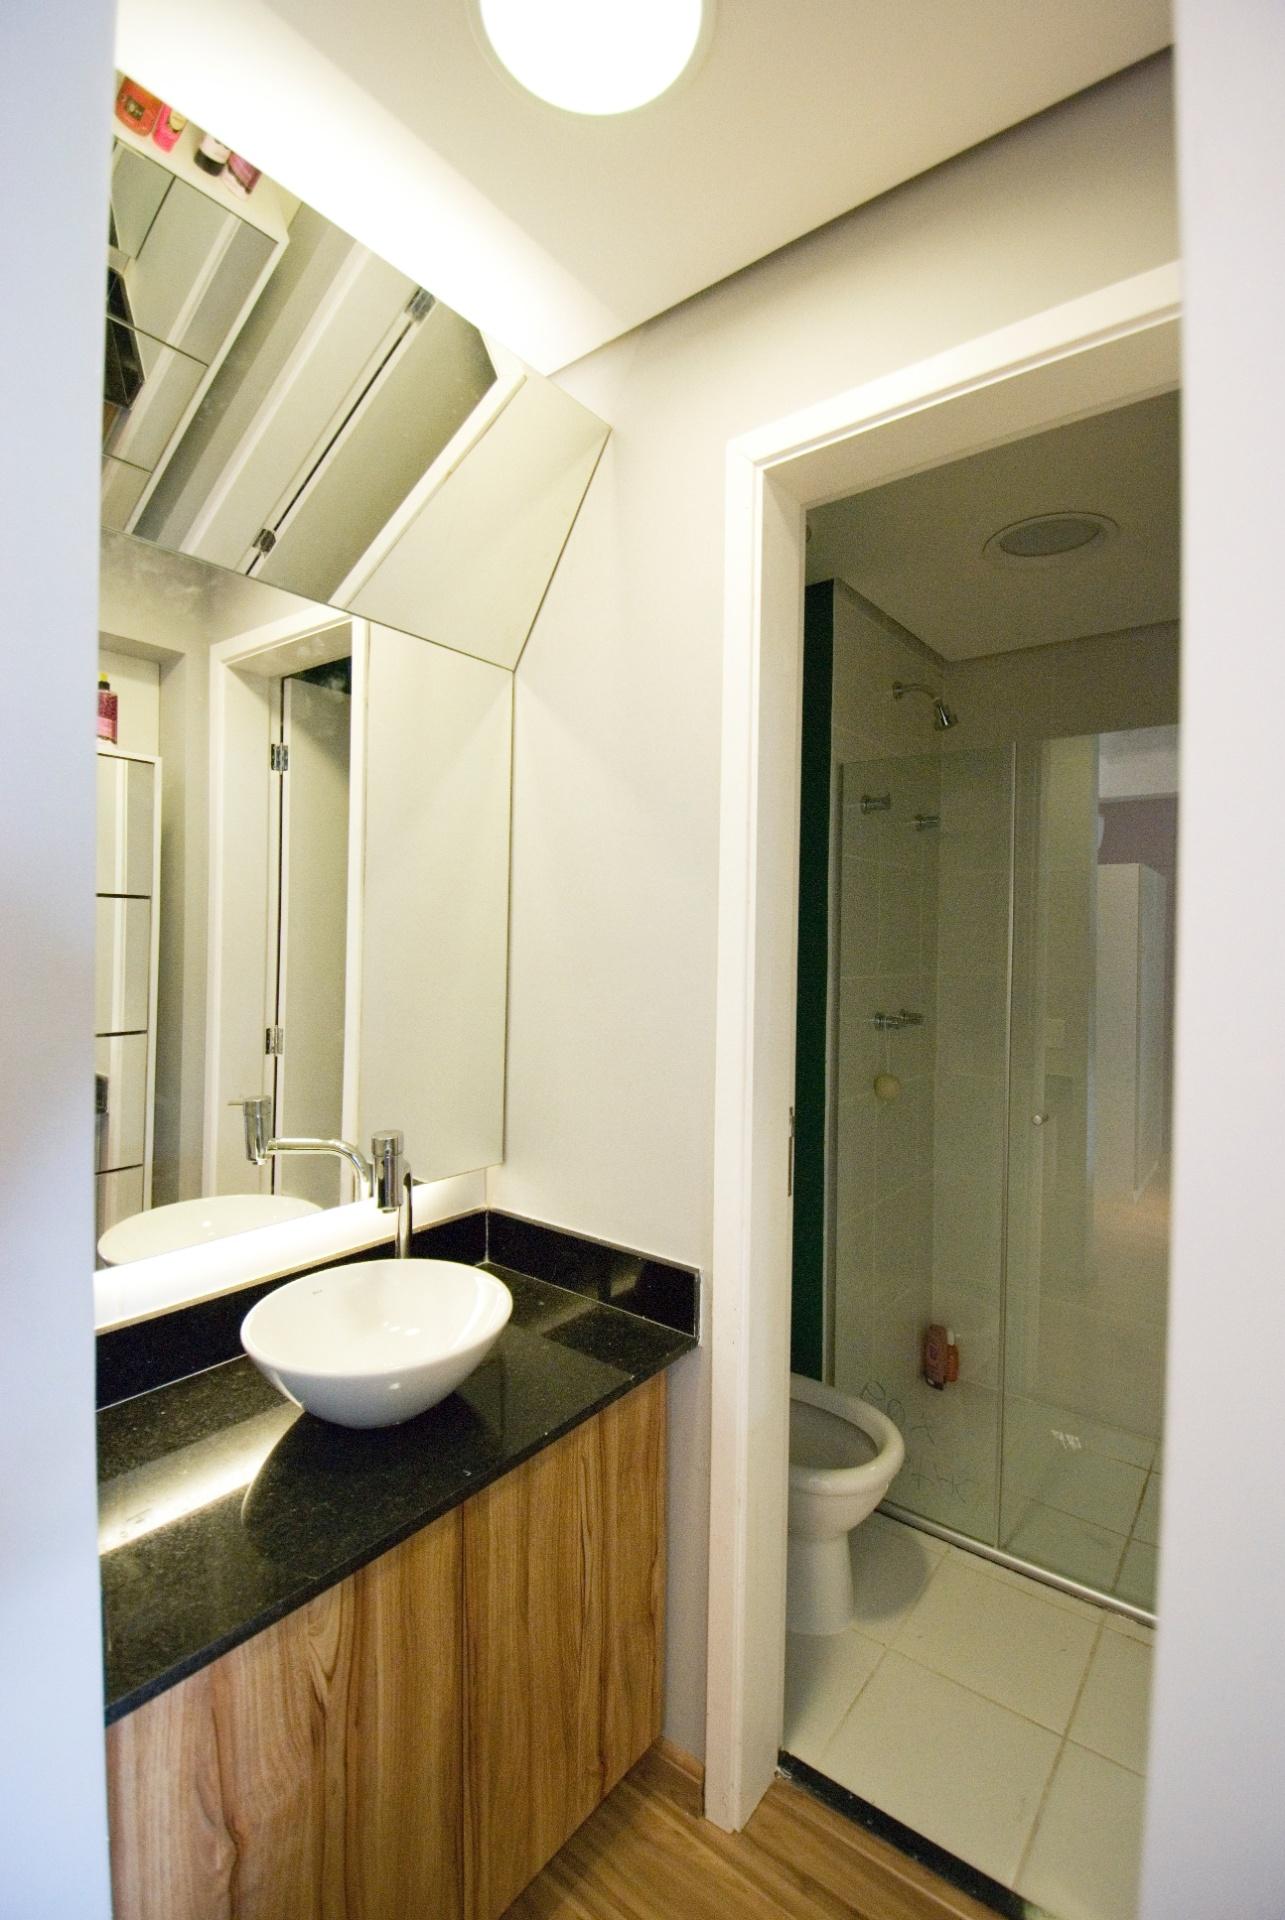 Banheiros pequenos: dicas de decoração para quem tem pouco espaço  #694B1E 1285x1920 Azulejo Para Banheiro Decorado